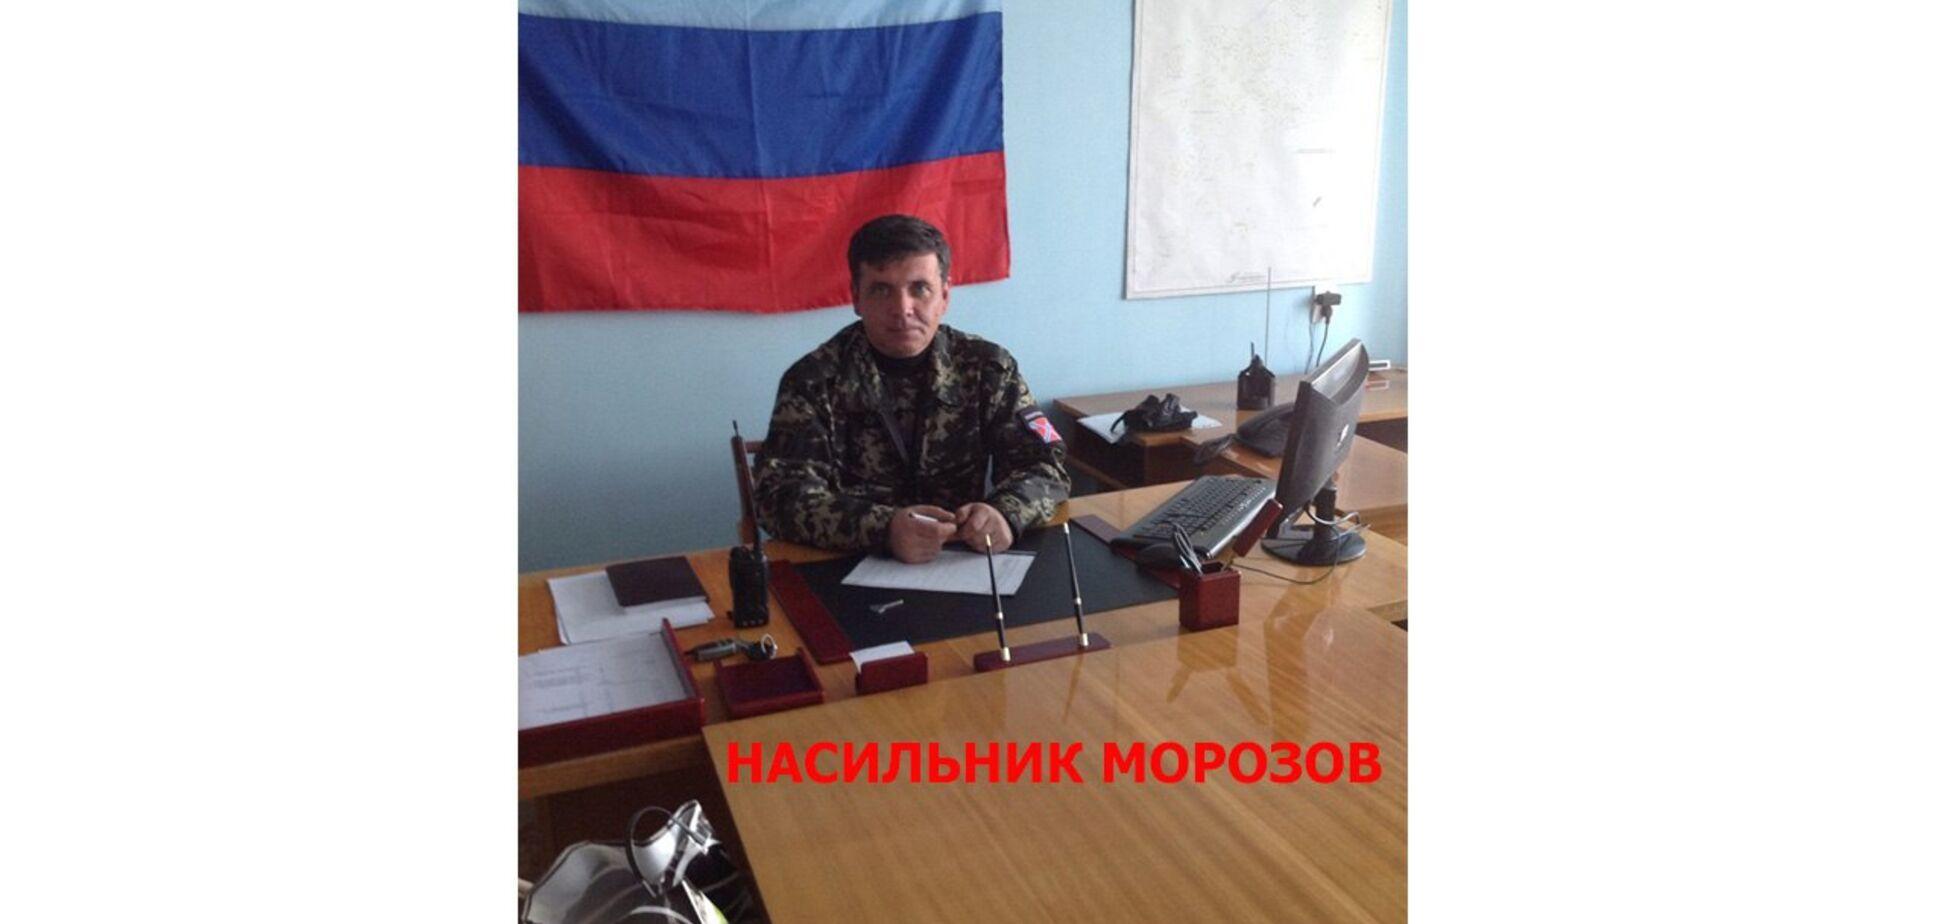 'Защищал Донбасс от хунты': соратник Плотницкого оказался насильником и садистом